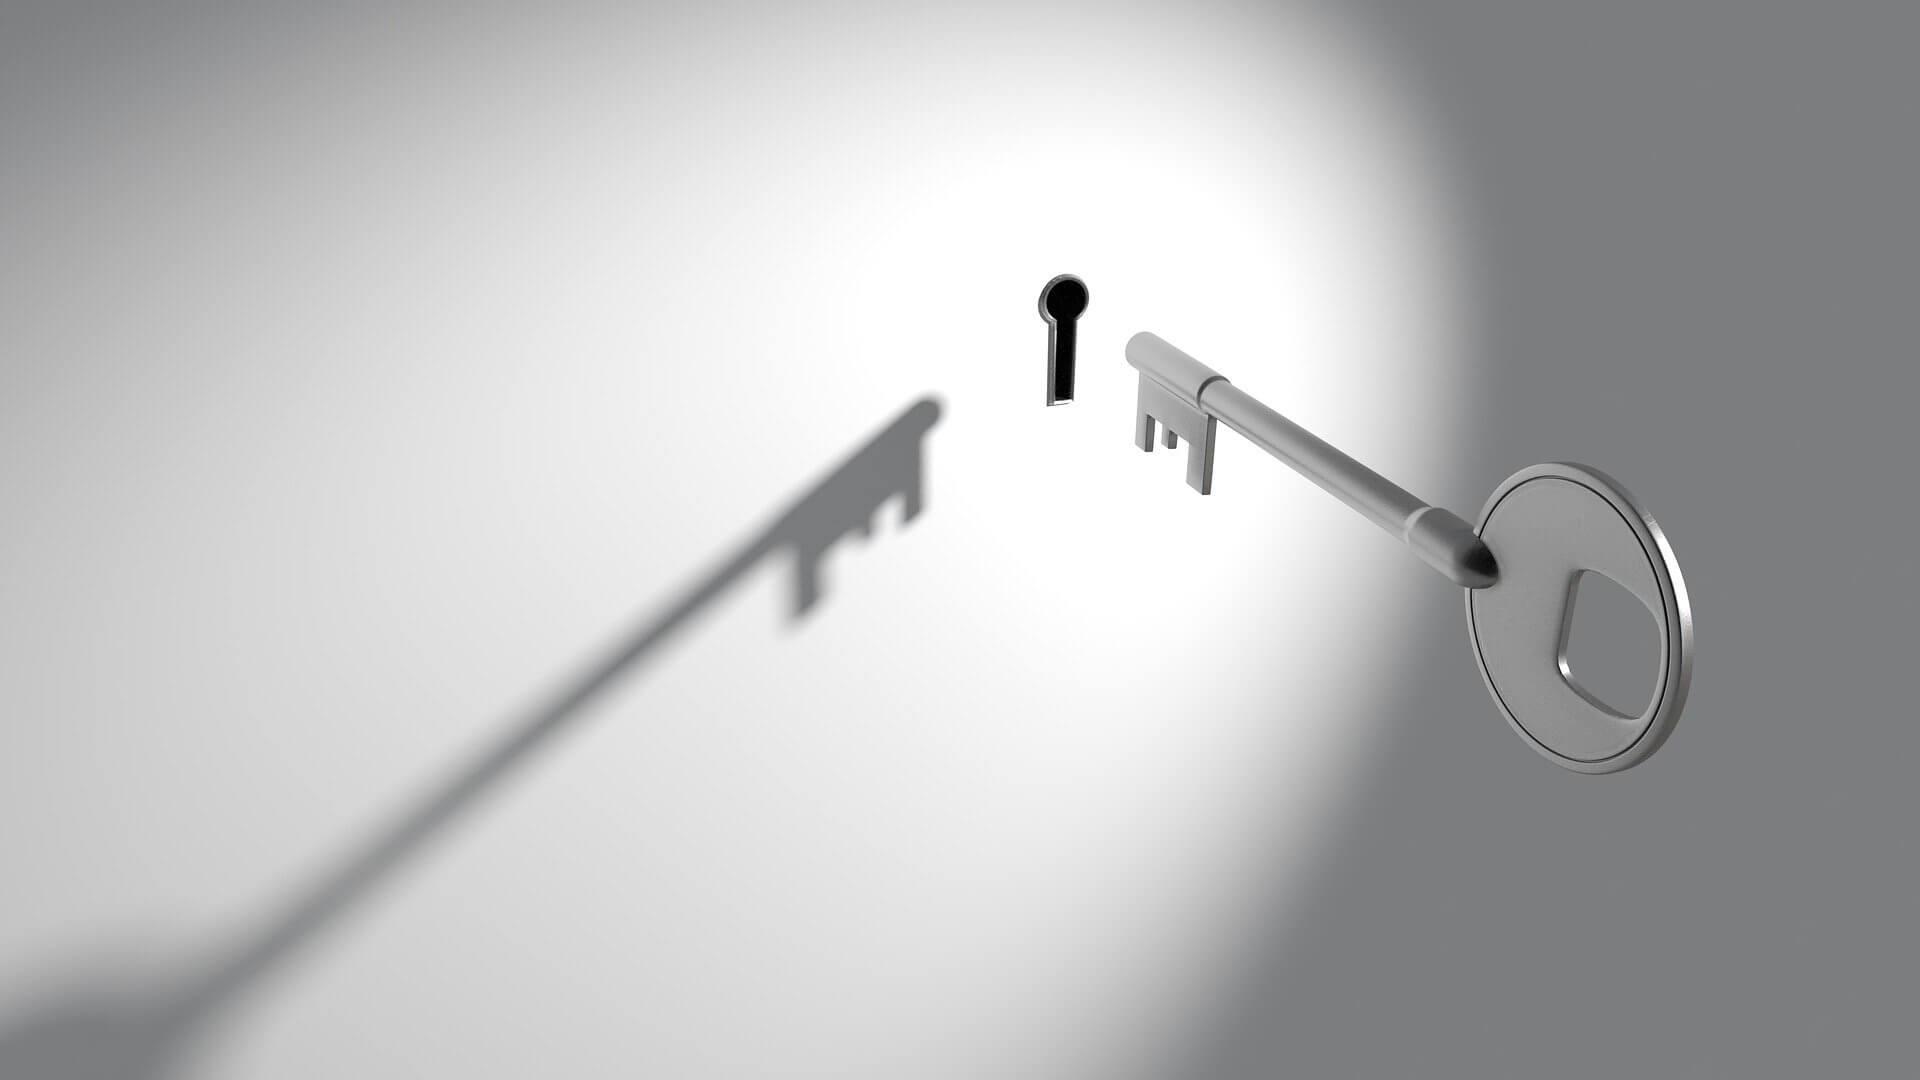 كيفية وصول المخترقين إلى بياناتك الشخصية عبر الإنترنت